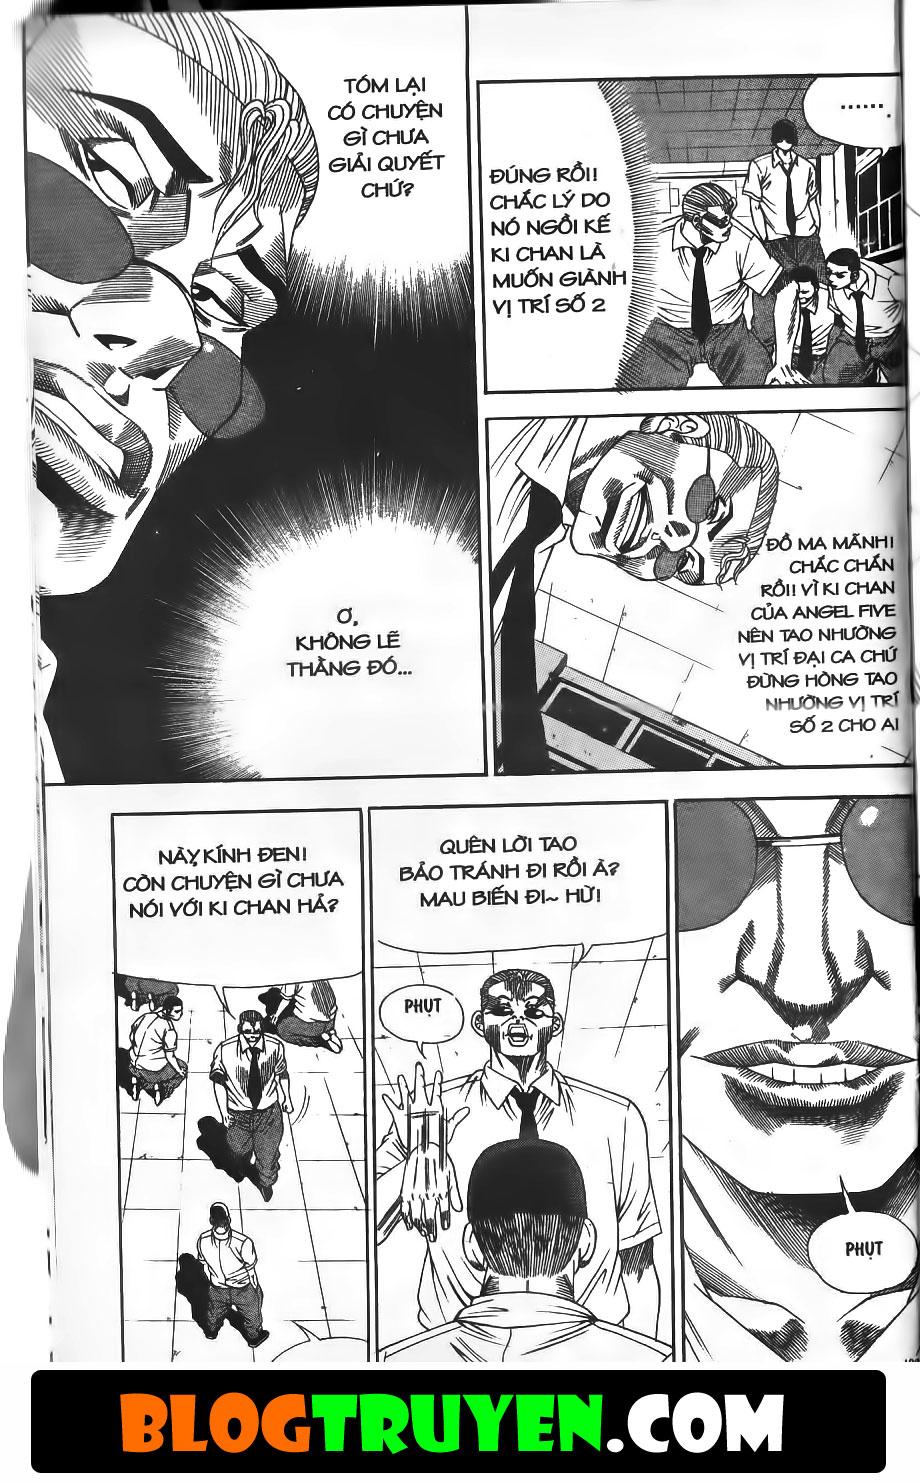 Bitagi - Anh chàng ngổ ngáo chap 145 trang 17